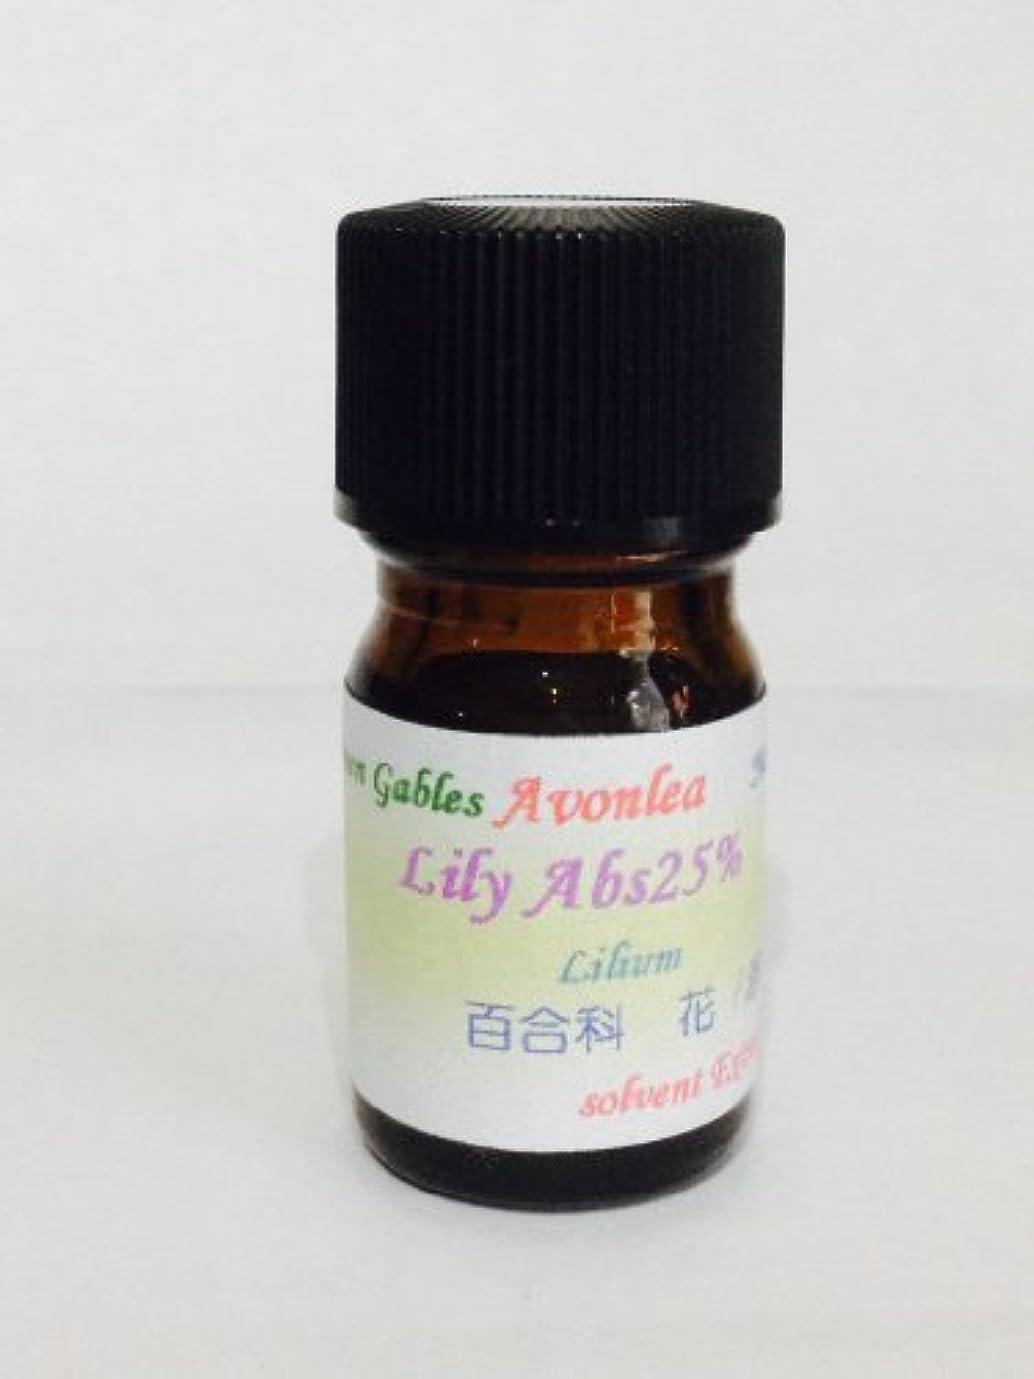 リリー Abs 25% 百合 エッセンシャルオイル 超高級精油 5ml